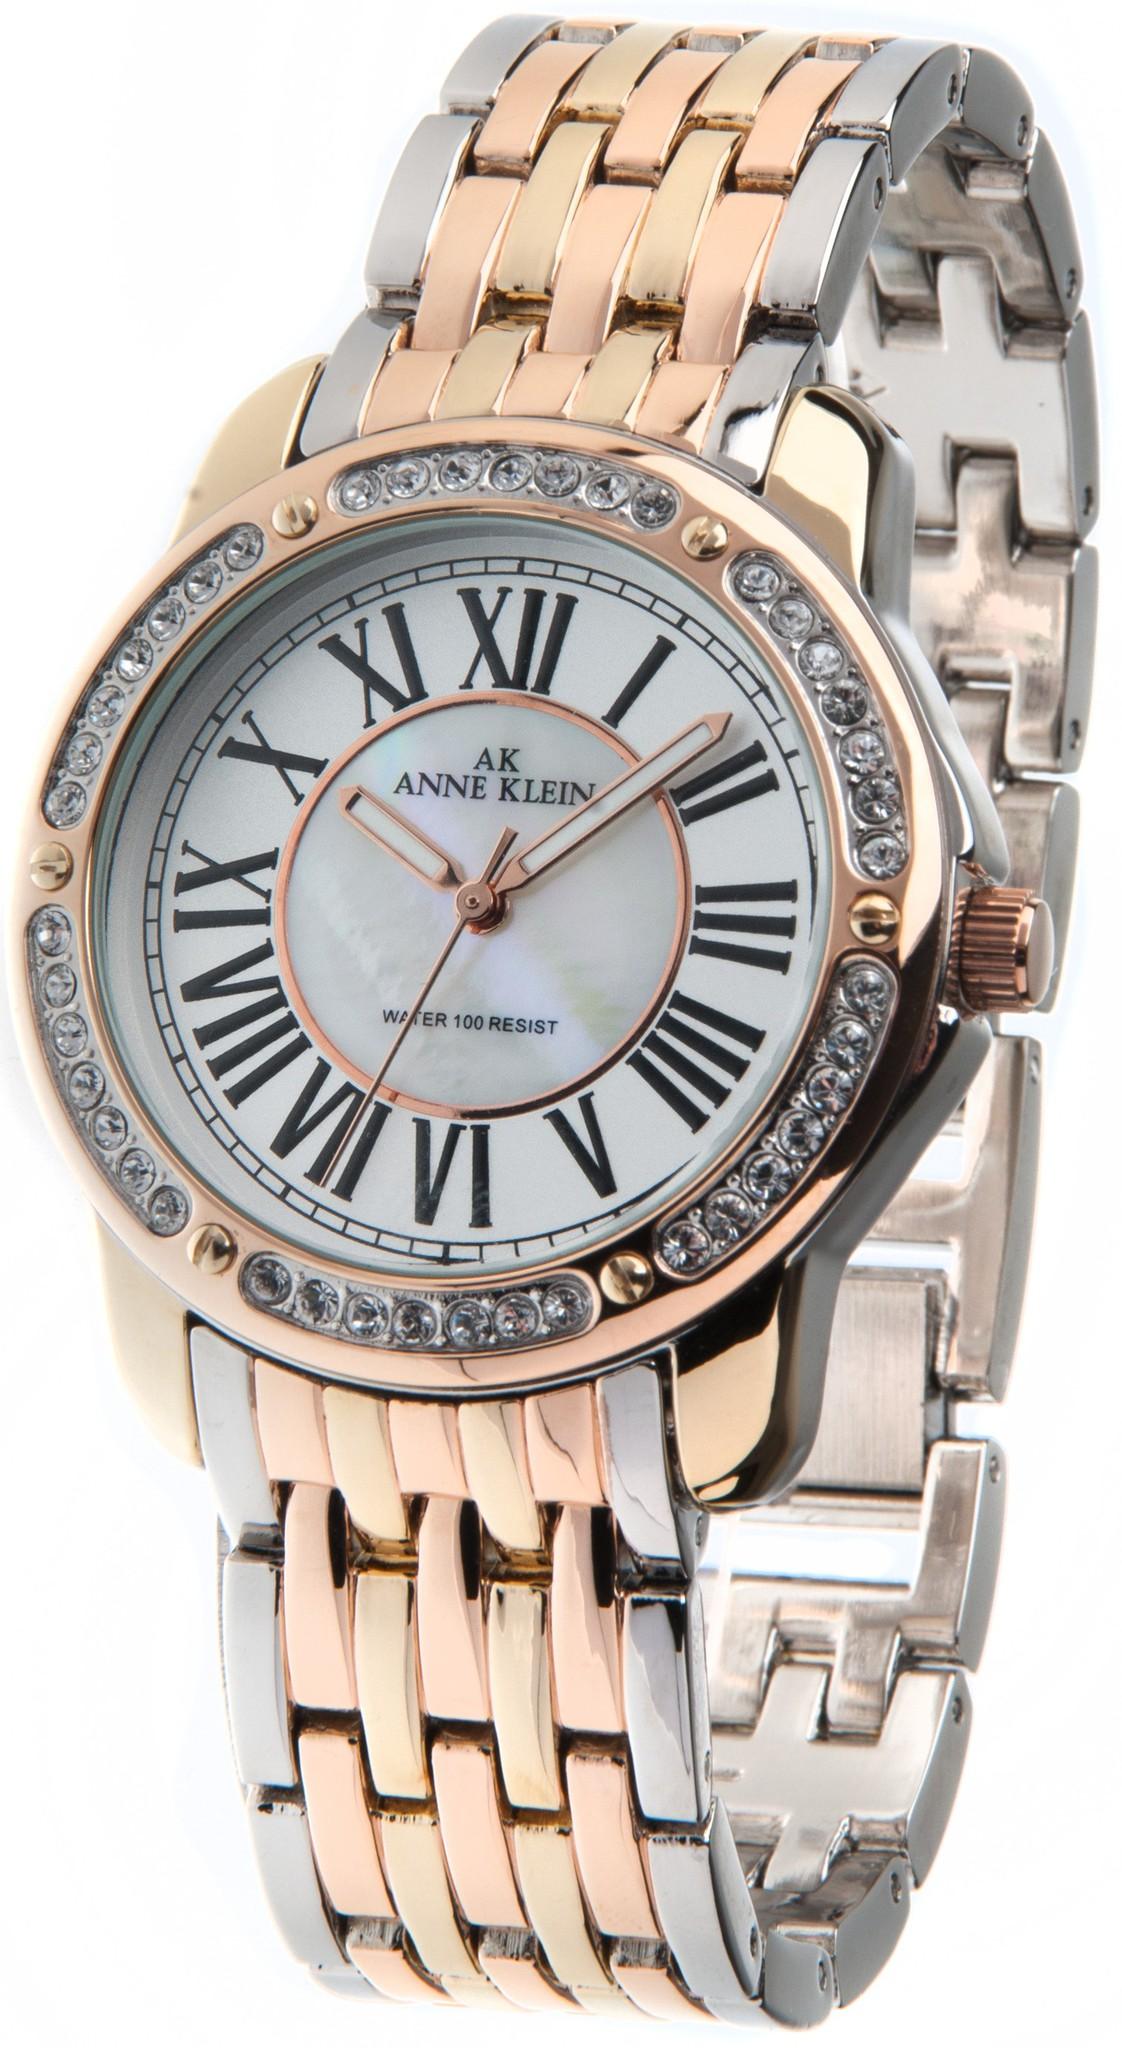 Anne Klein 9825MPTR - женские наручные часы из коллекции CrystalAnne Klein<br><br><br>Бренд: Anne Klein<br>Модель: Anne Klein 9825 MPTR<br>Артикул: 9825MPTR<br>Вариант артикула: None<br>Коллекция: Crystal<br>Подколлекция: None<br>Страна: США<br>Пол: женские<br>Тип механизма: кварцевые<br>Механизм: None<br>Количество камней: None<br>Автоподзавод: None<br>Источник энергии: от батарейки<br>Срок службы элемента питания: None<br>Дисплей: стрелки<br>Цифры: римские<br>Водозащита: WR 30<br>Противоударные: None<br>Материал корпуса: не указан, PVD покрытие: позолота (полное)<br>Материал браслета: не указан, PVD покрытие (частичное): позолота<br>Материал безеля: None<br>Стекло: минеральное<br>Антибликовое покрытие: None<br>Цвет корпуса: None<br>Цвет браслета: None<br>Цвет циферблата: None<br>Цвет безеля: None<br>Размеры: 38 мм<br>Диаметр: None<br>Диаметр корпуса: None<br>Толщина: None<br>Ширина ремешка: None<br>Вес: None<br>Спорт-функции: None<br>Подсветка: стрелок<br>Вставка: None<br>Отображение даты: None<br>Хронограф: None<br>Таймер: None<br>Термометр: None<br>Хронометр: None<br>GPS: None<br>Радиосинхронизация: None<br>Барометр: None<br>Скелетон: None<br>Дополнительная информация: None<br>Дополнительные функции: None